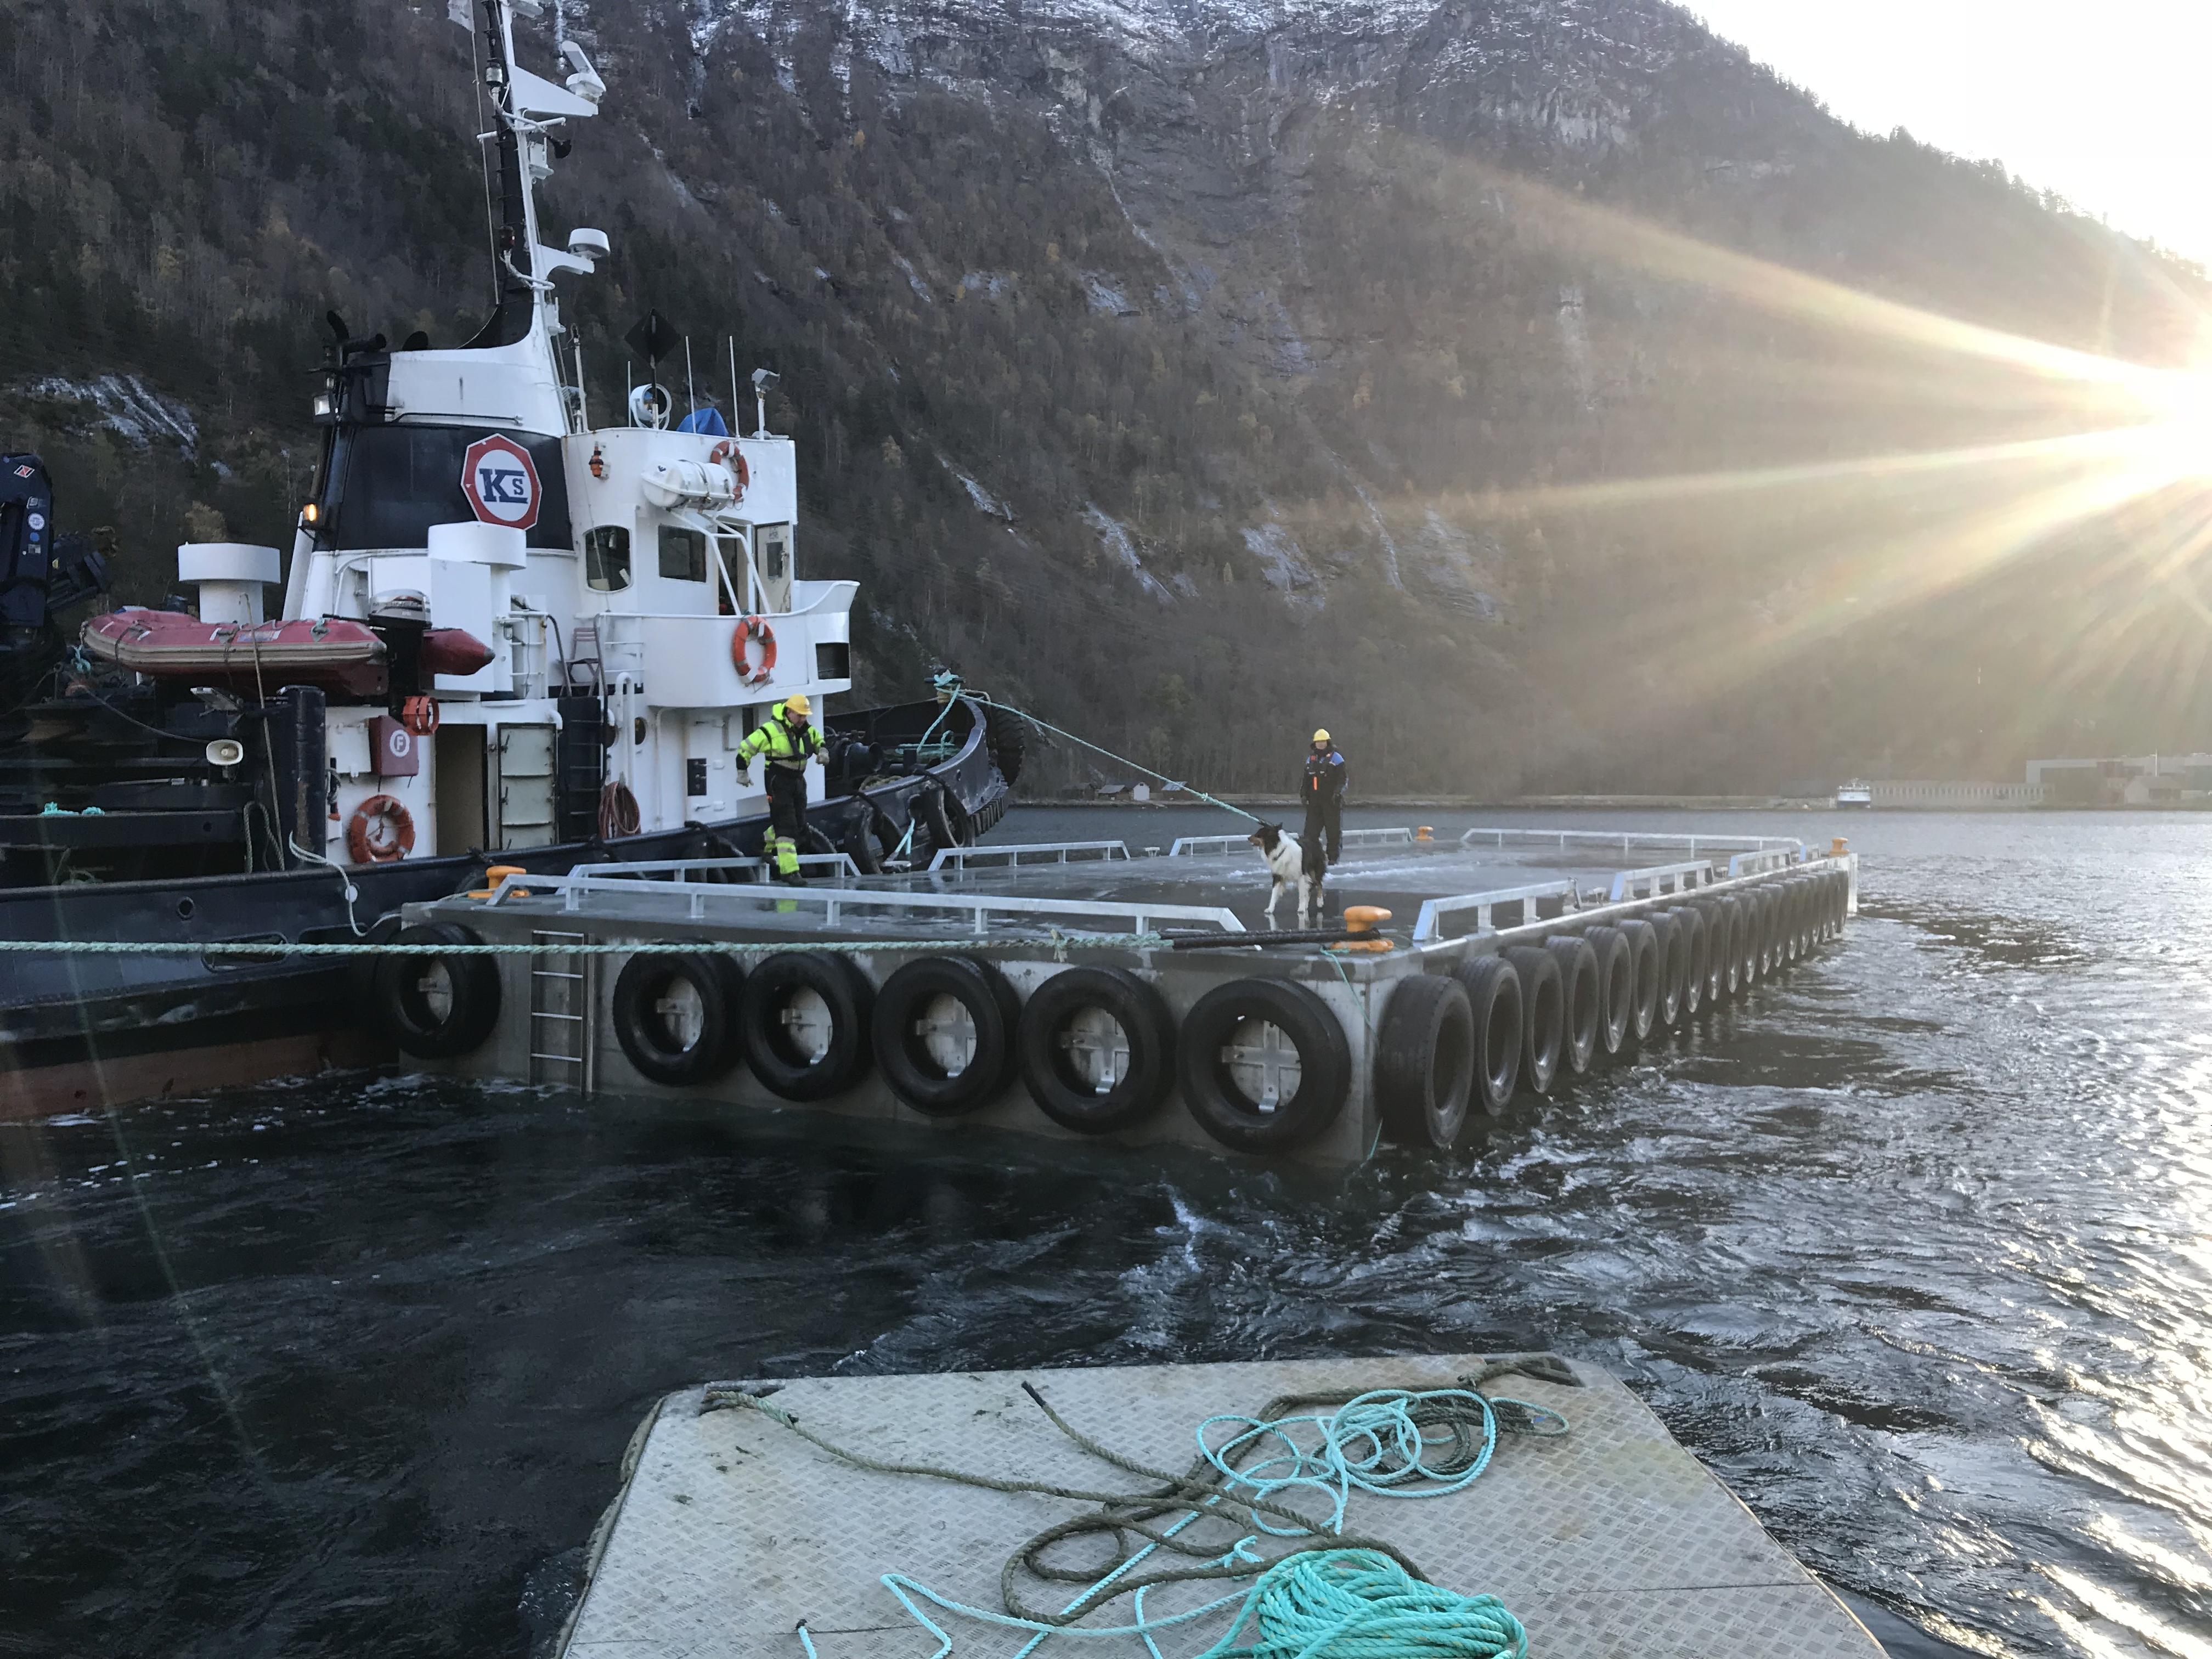 https://www.marinasolutions.no/uploads/Arteq-Aqua-Tafjord-Settefiskanlegg-flytekai.jpg